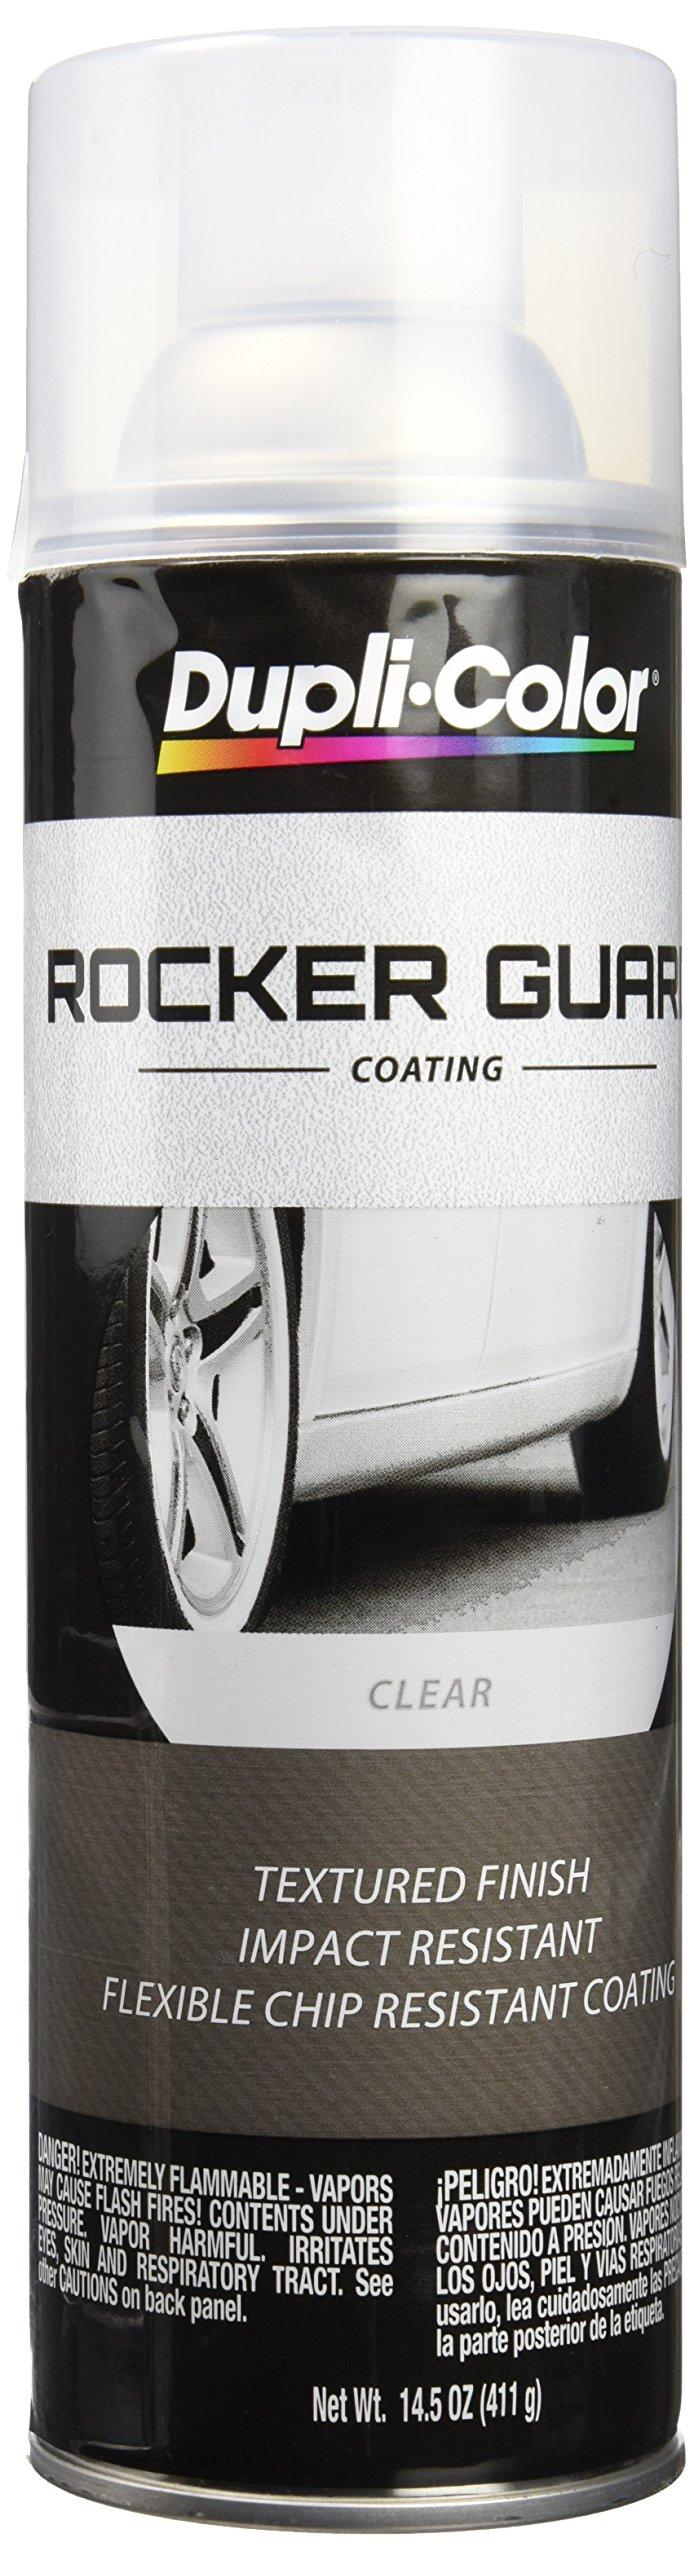 VHT RGA100 Clear, Matte Dupli-Color Rocker Guard Coating, 14.5 Fluid_Ounces